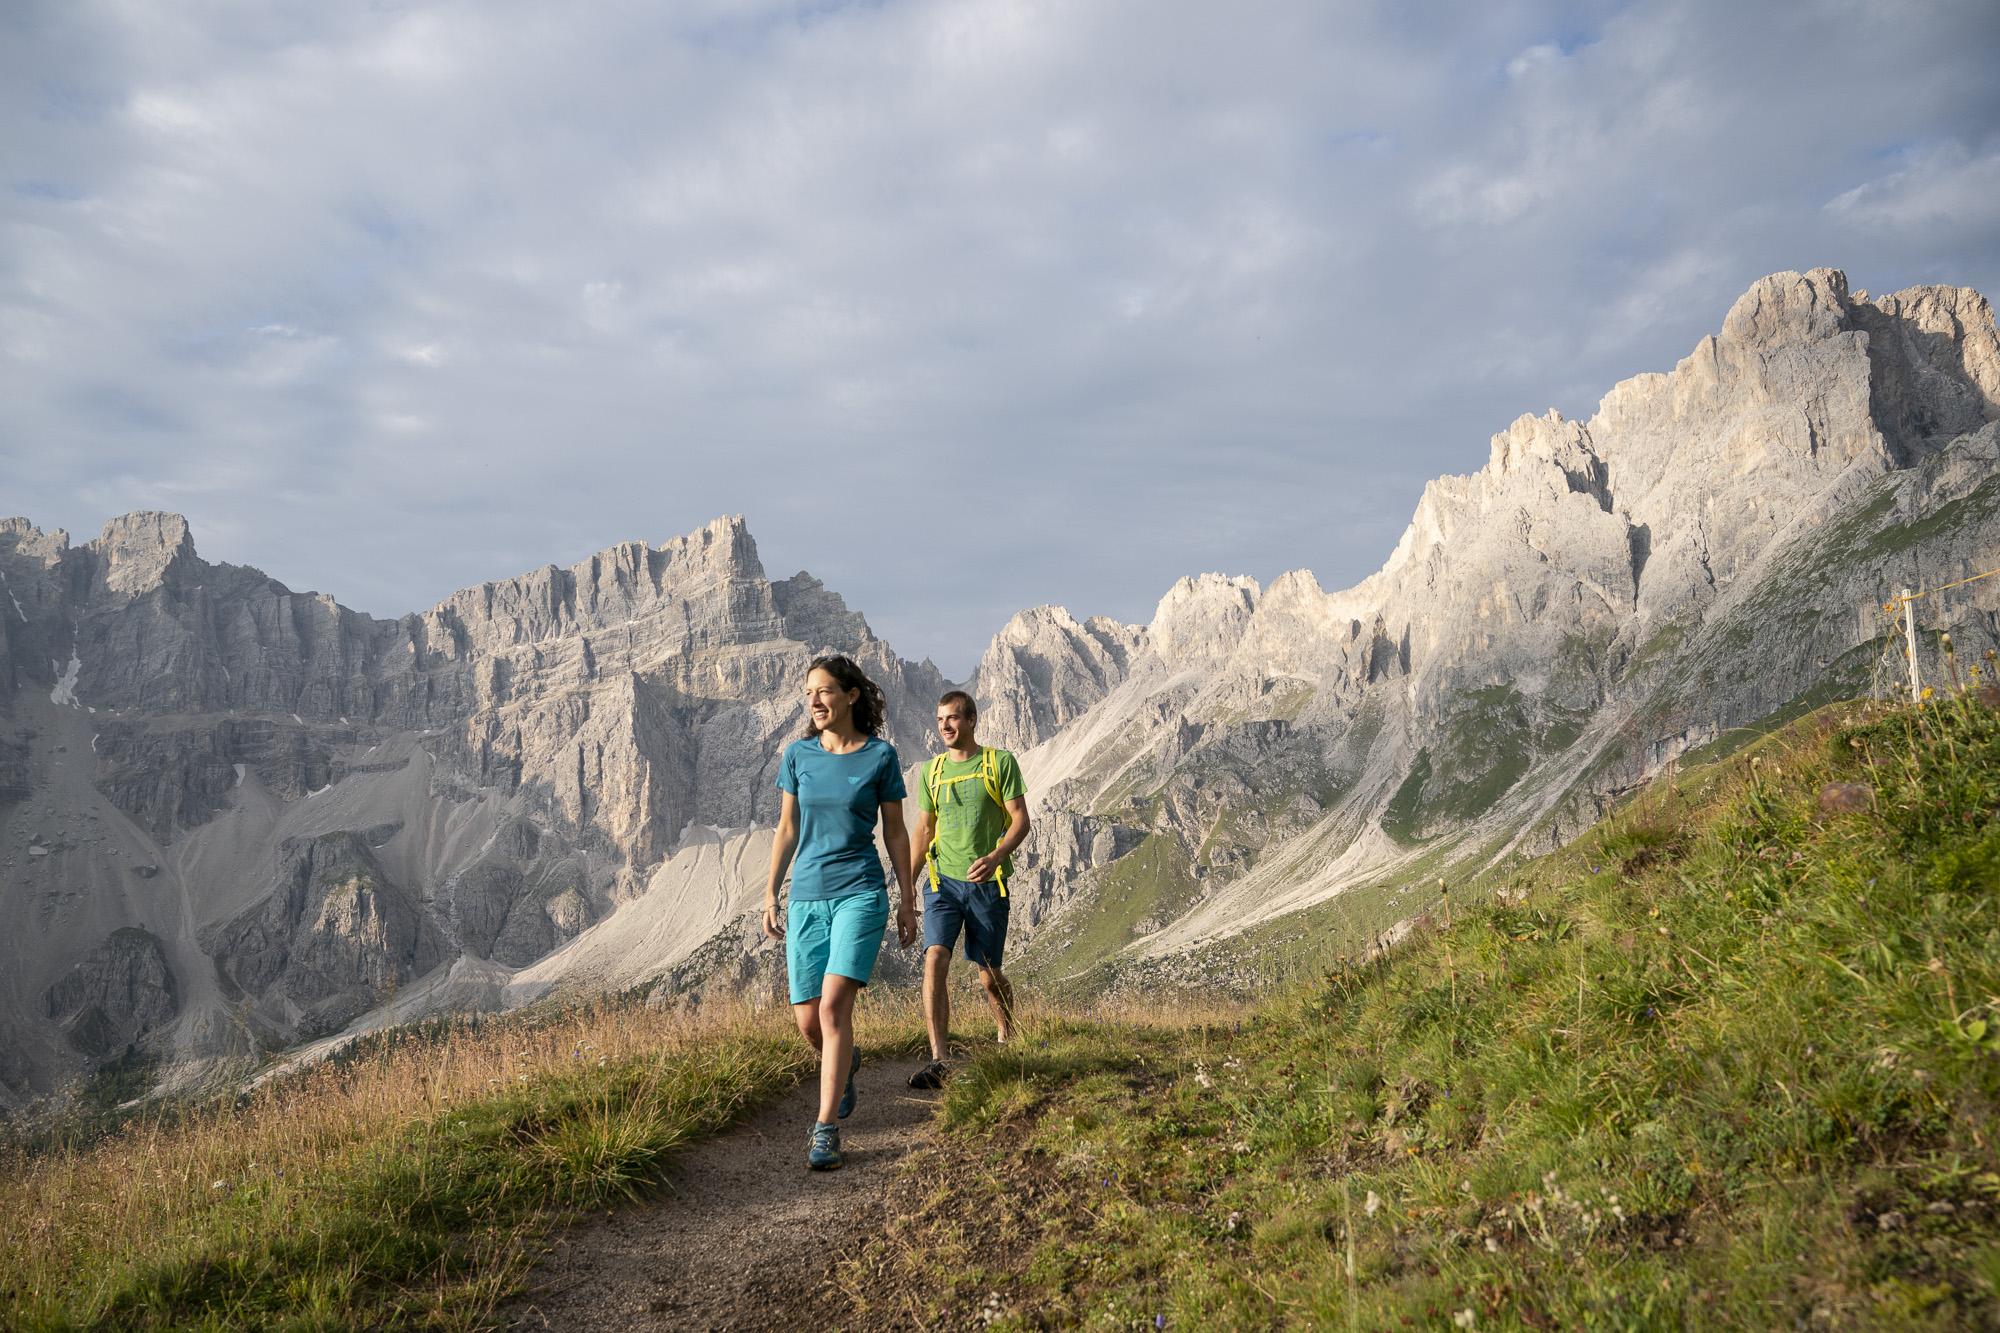 Bergwelten_Südtirol_Campill_Preview_0818_080.jpg